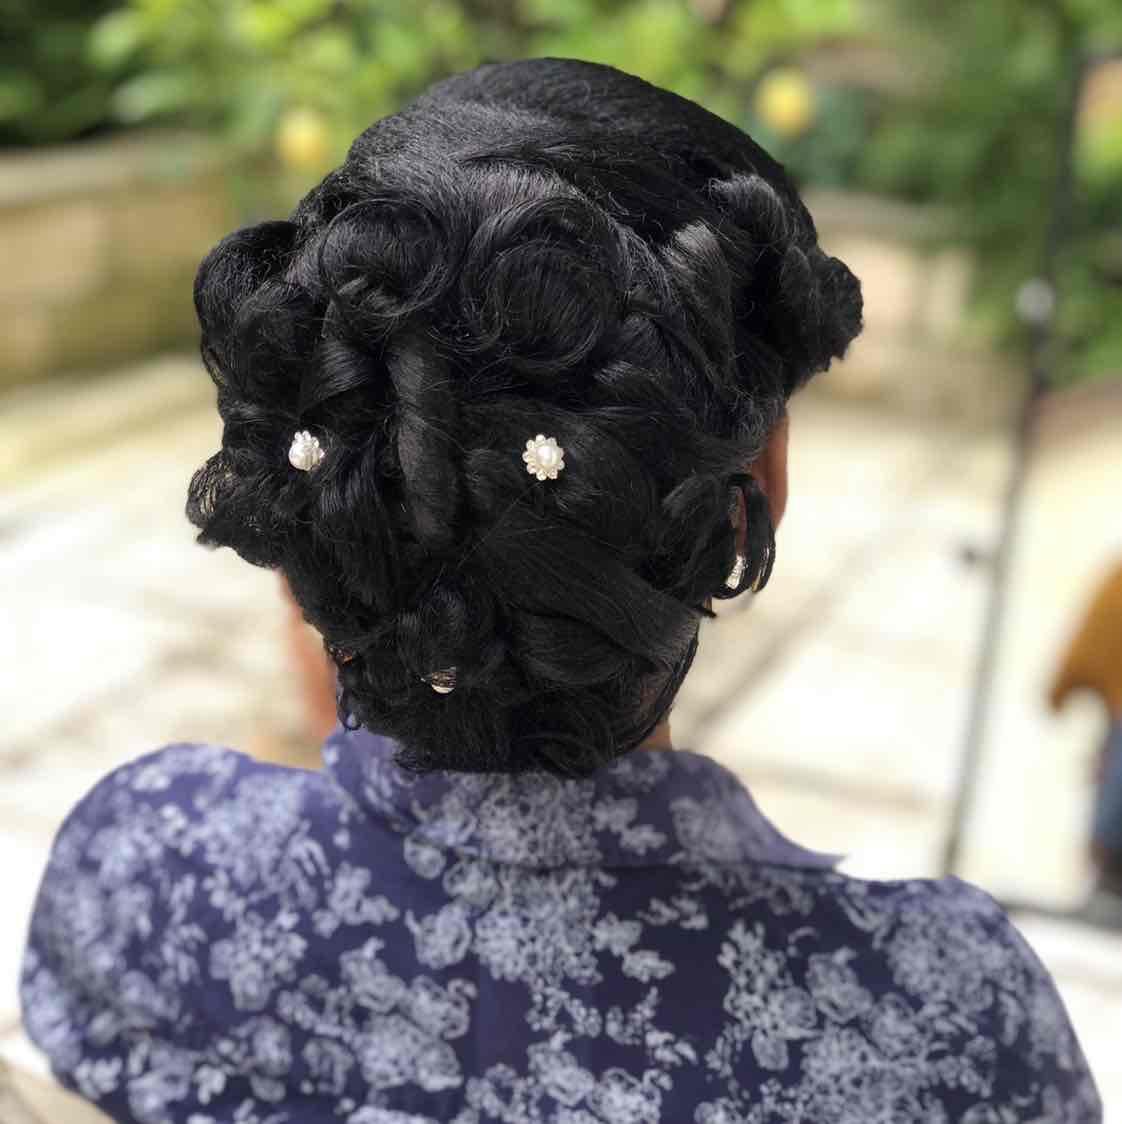 salon de coiffure afro tresse tresses box braids crochet braids vanilles tissages paris 75 77 78 91 92 93 94 95 DSRZWMPF